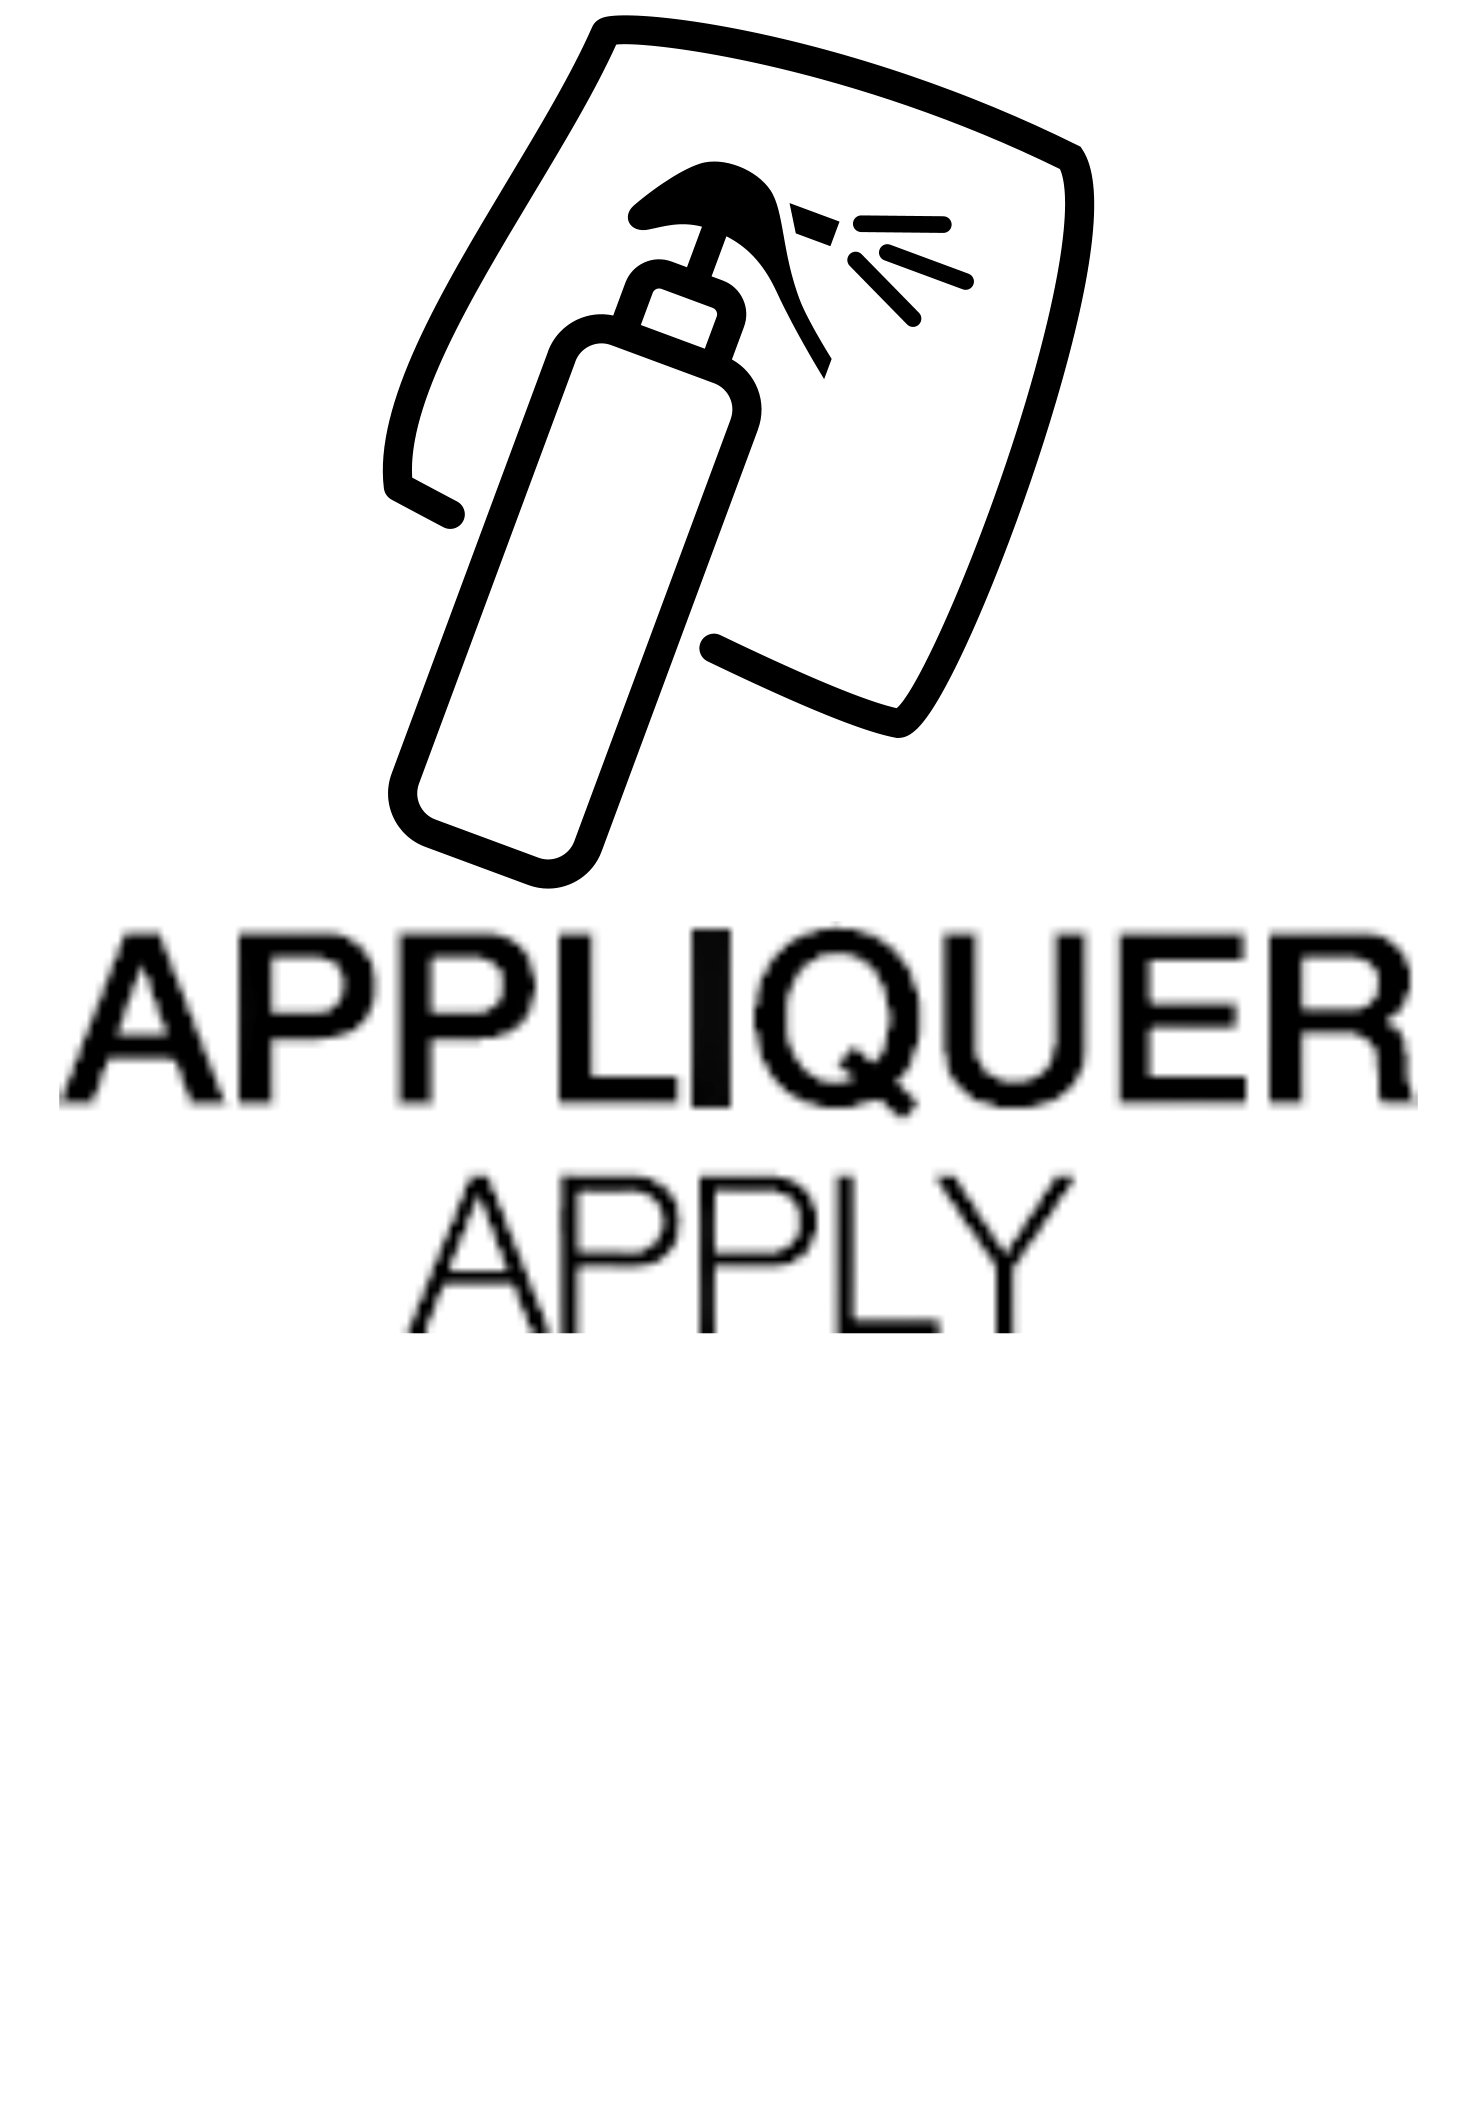 Appliquer